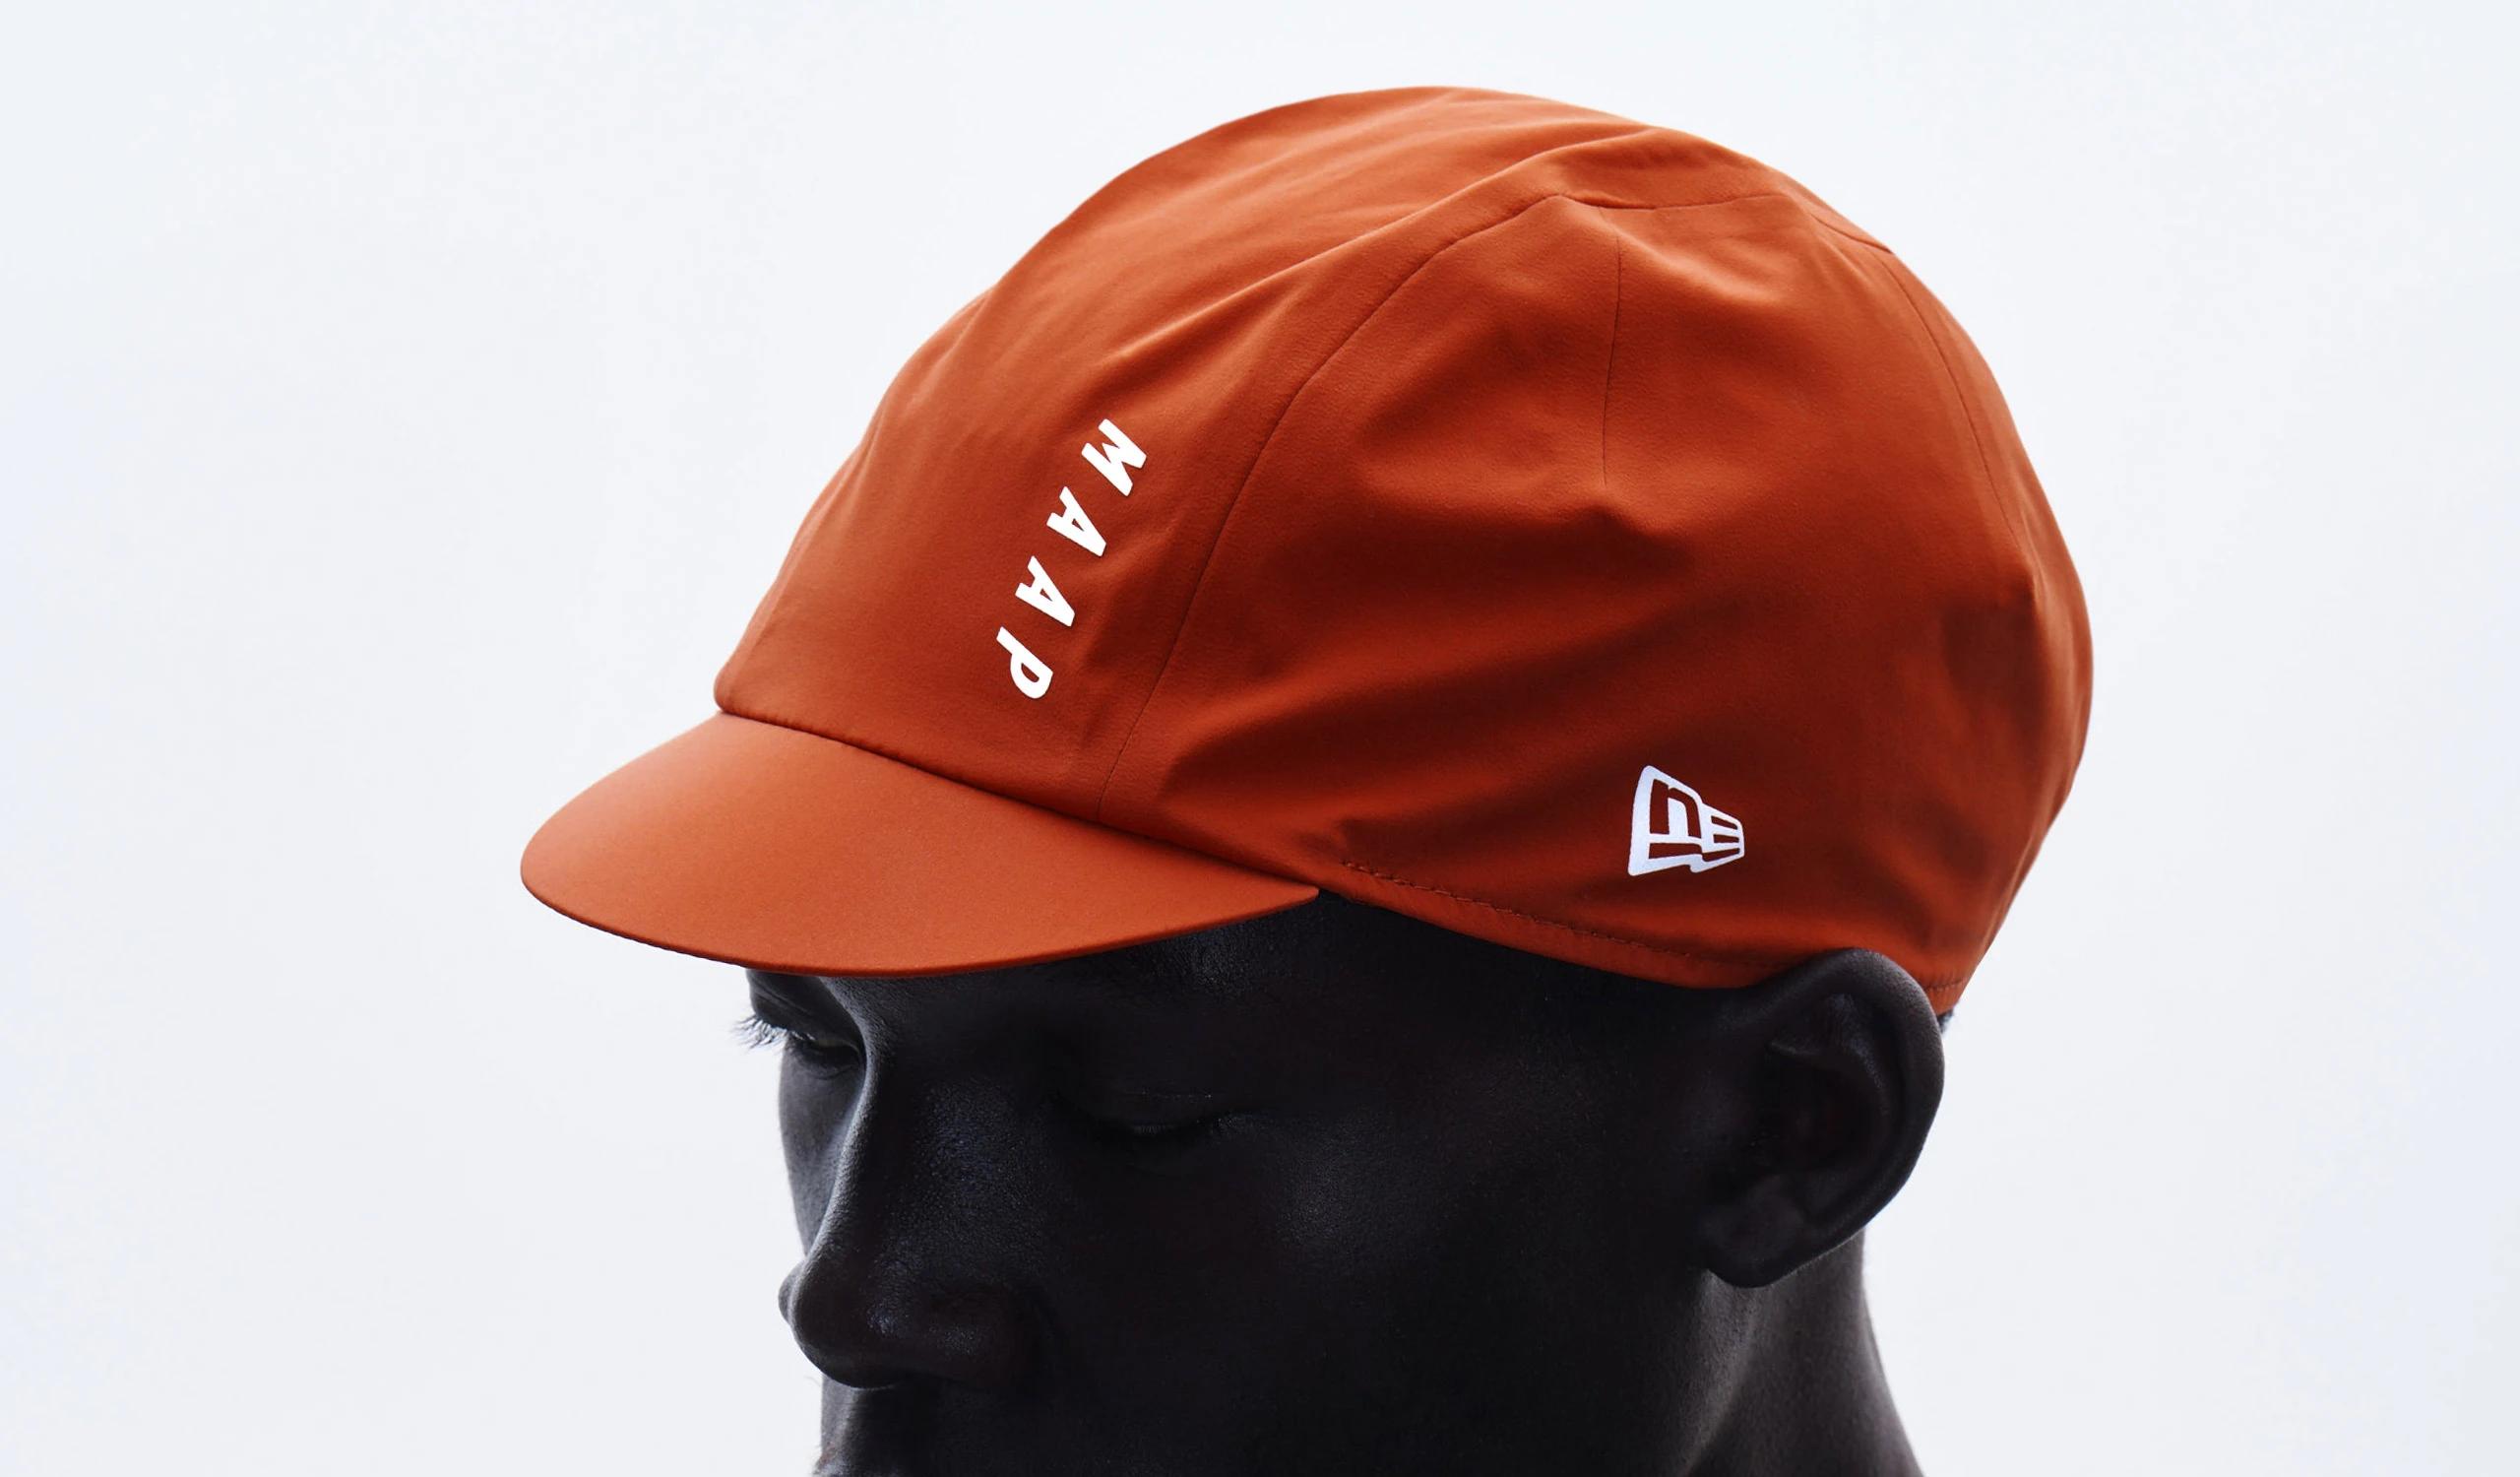 Prime New Era Cap / Brick